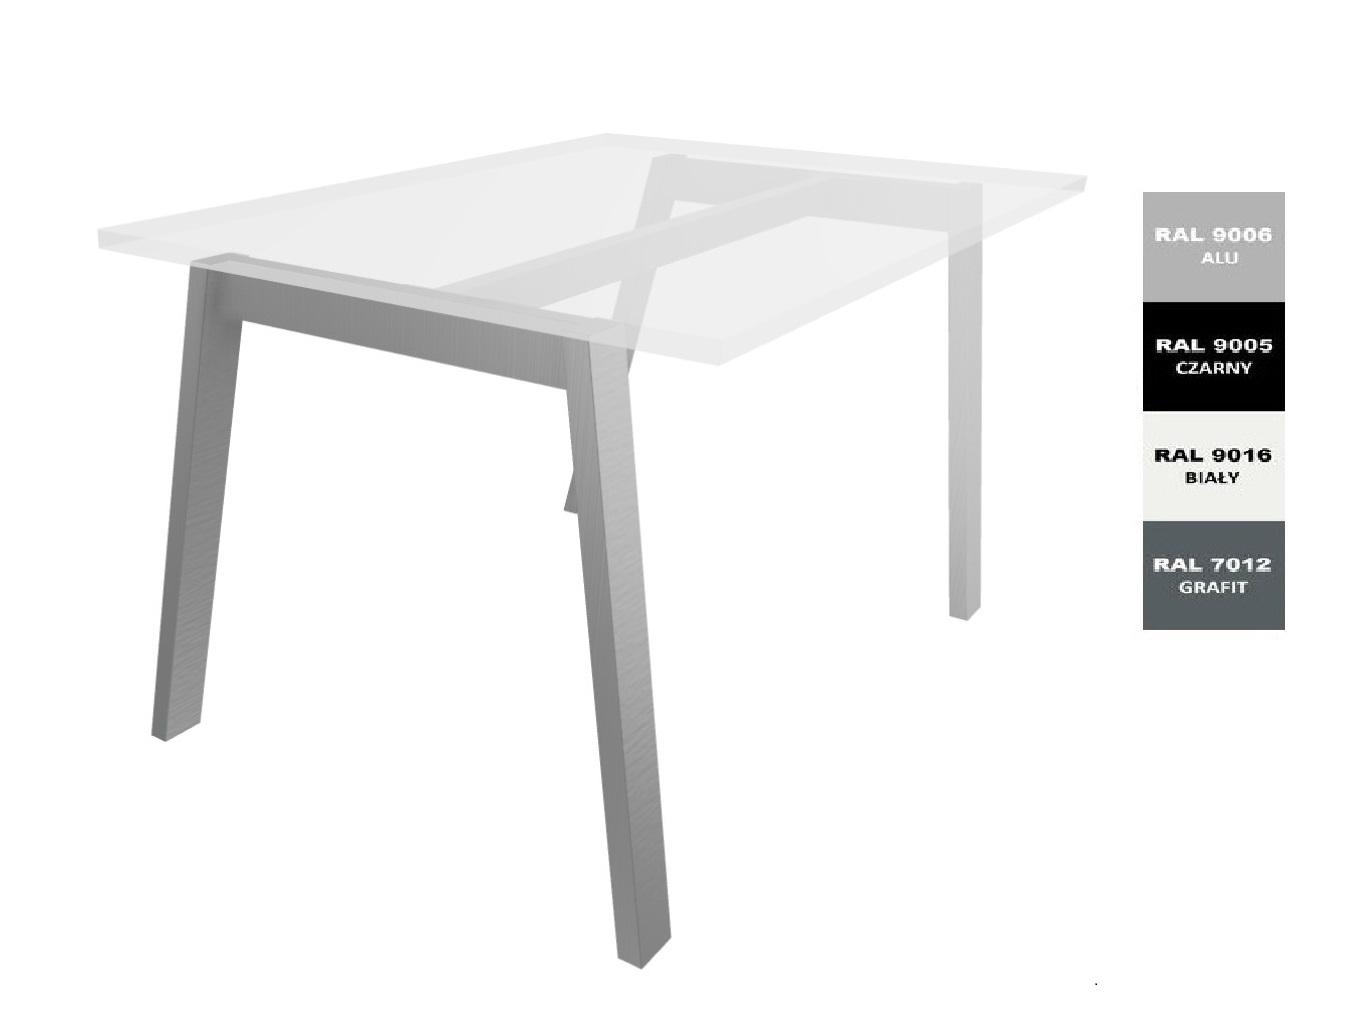 Stelaż metalowy do biurka lub stołu  ST-V - 1 belka podblatowa- głębokość 57 cm